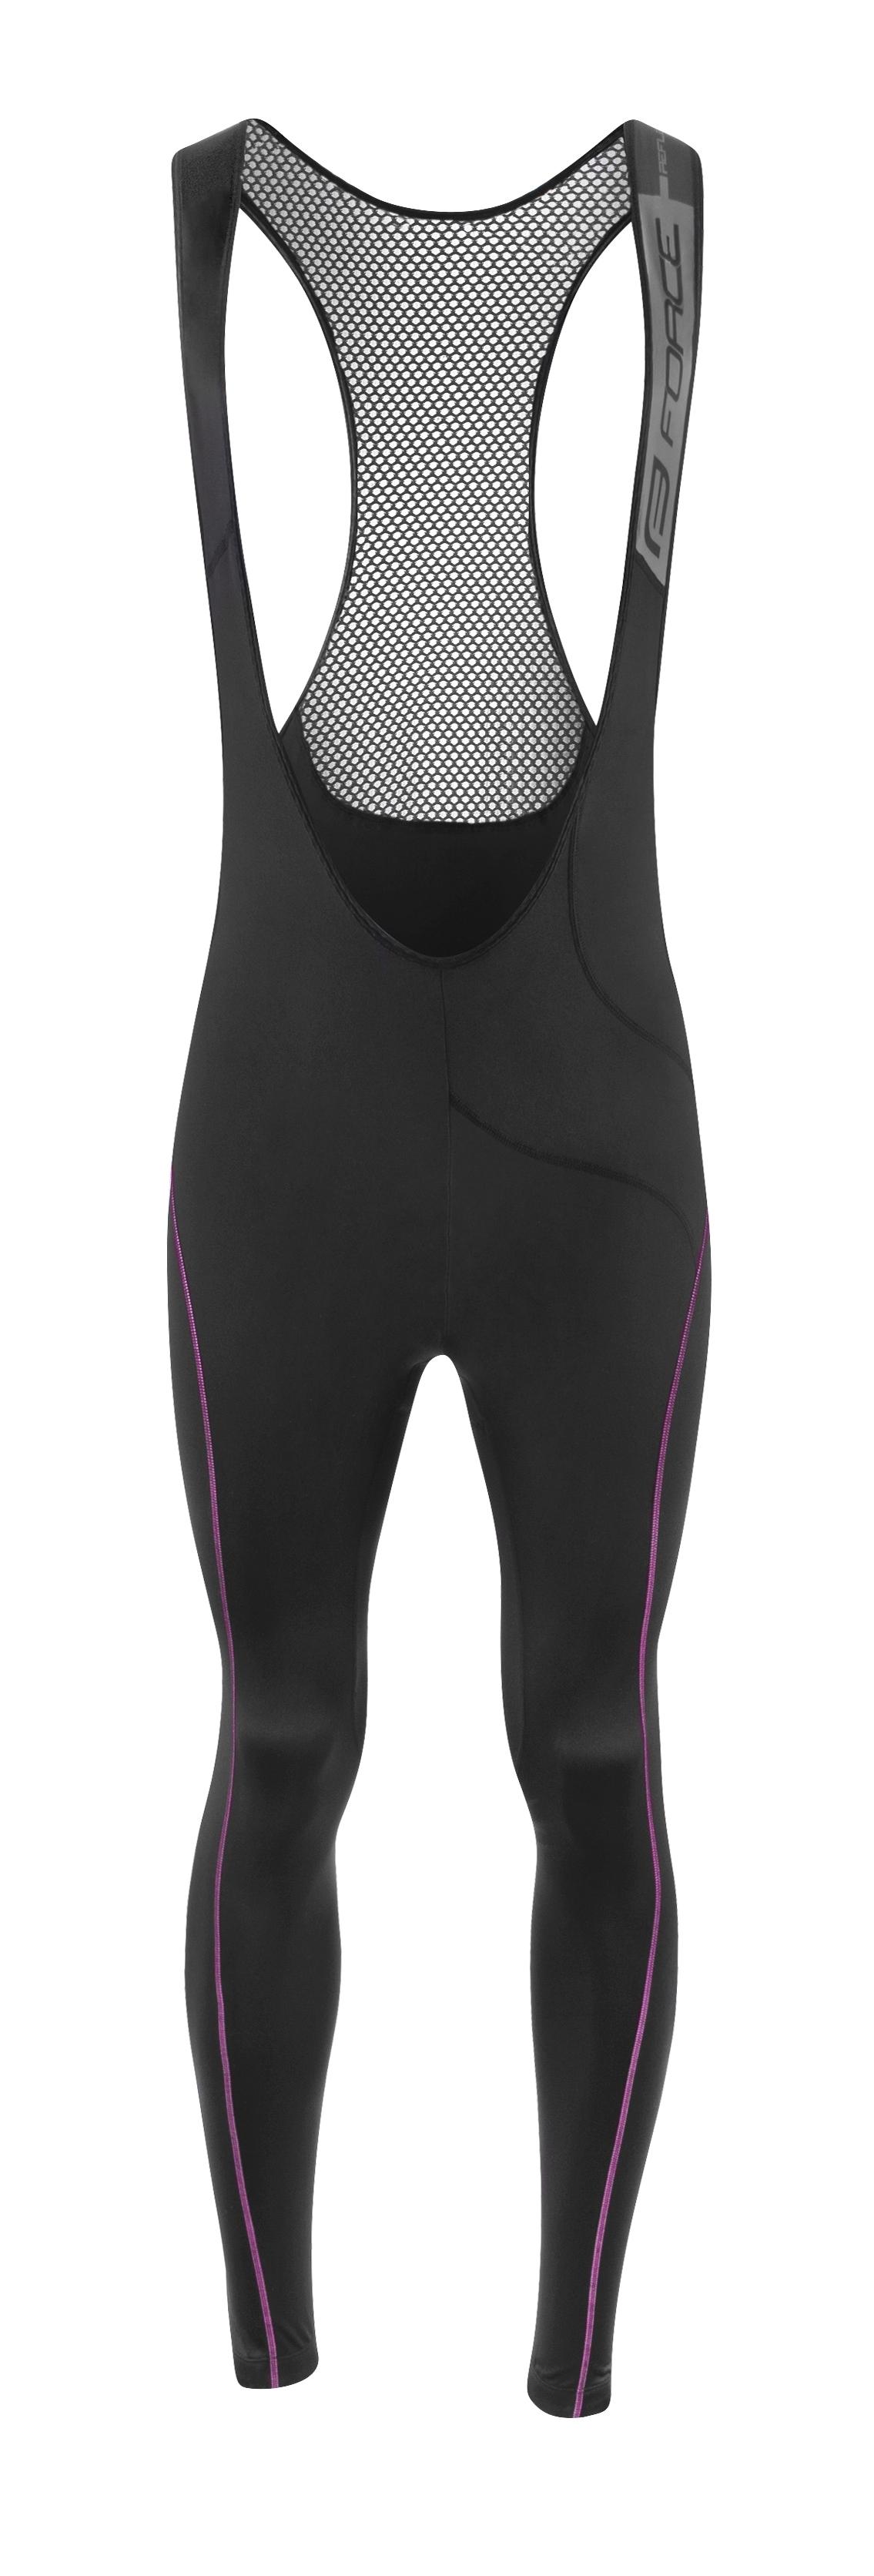 kalhoty FORCE REFLEX LINE LADY bez vložky,černé XL